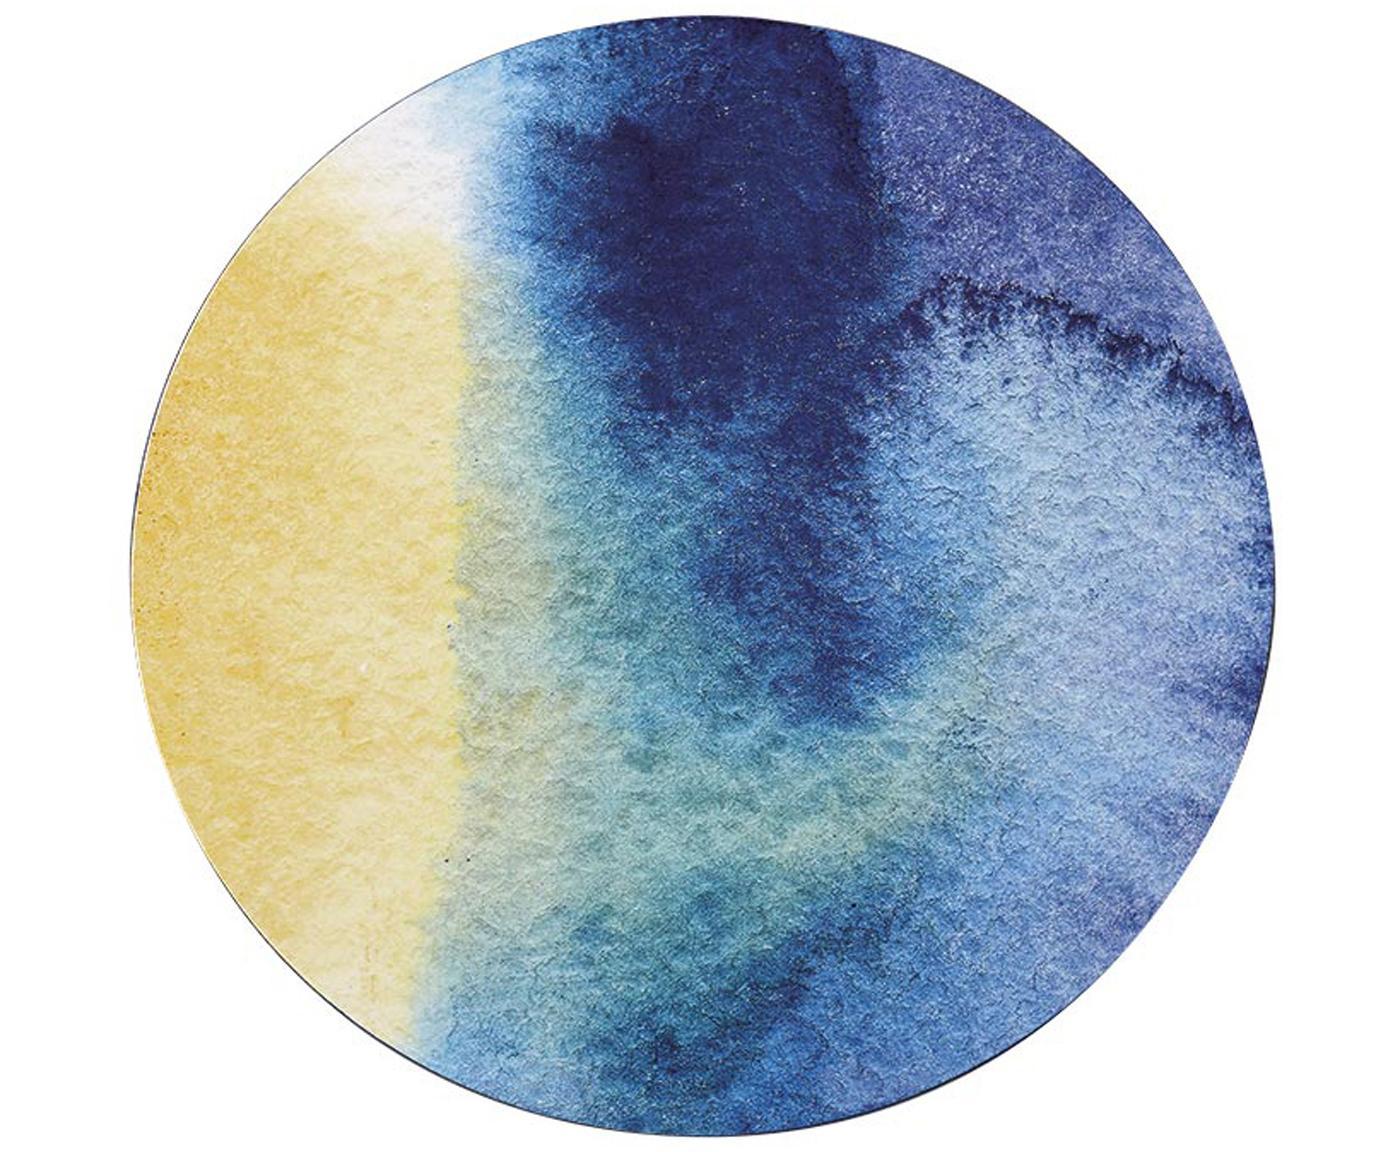 Runde Kunststoff-Tischsets Inky, 4 Stück, Vorderseite: Kunststoff Rückseite, Blau, Weiss, Gelb,Türkis, Ø 29 cm